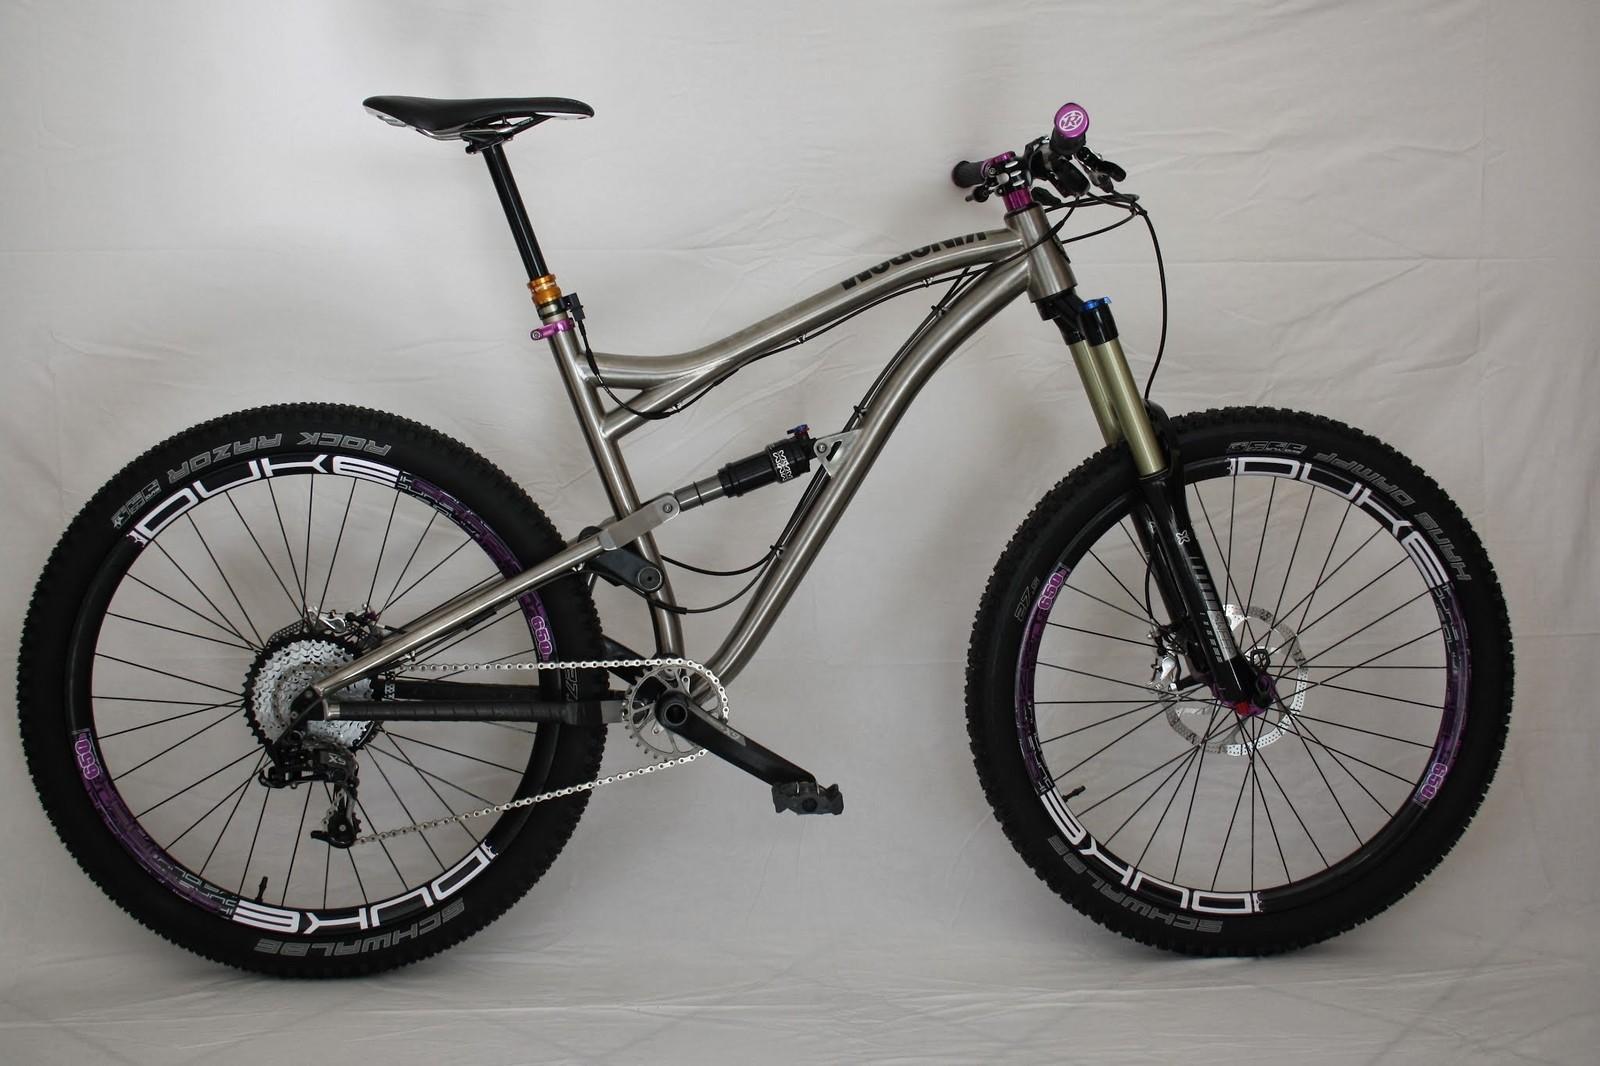 Kingdombike HEX AM 275